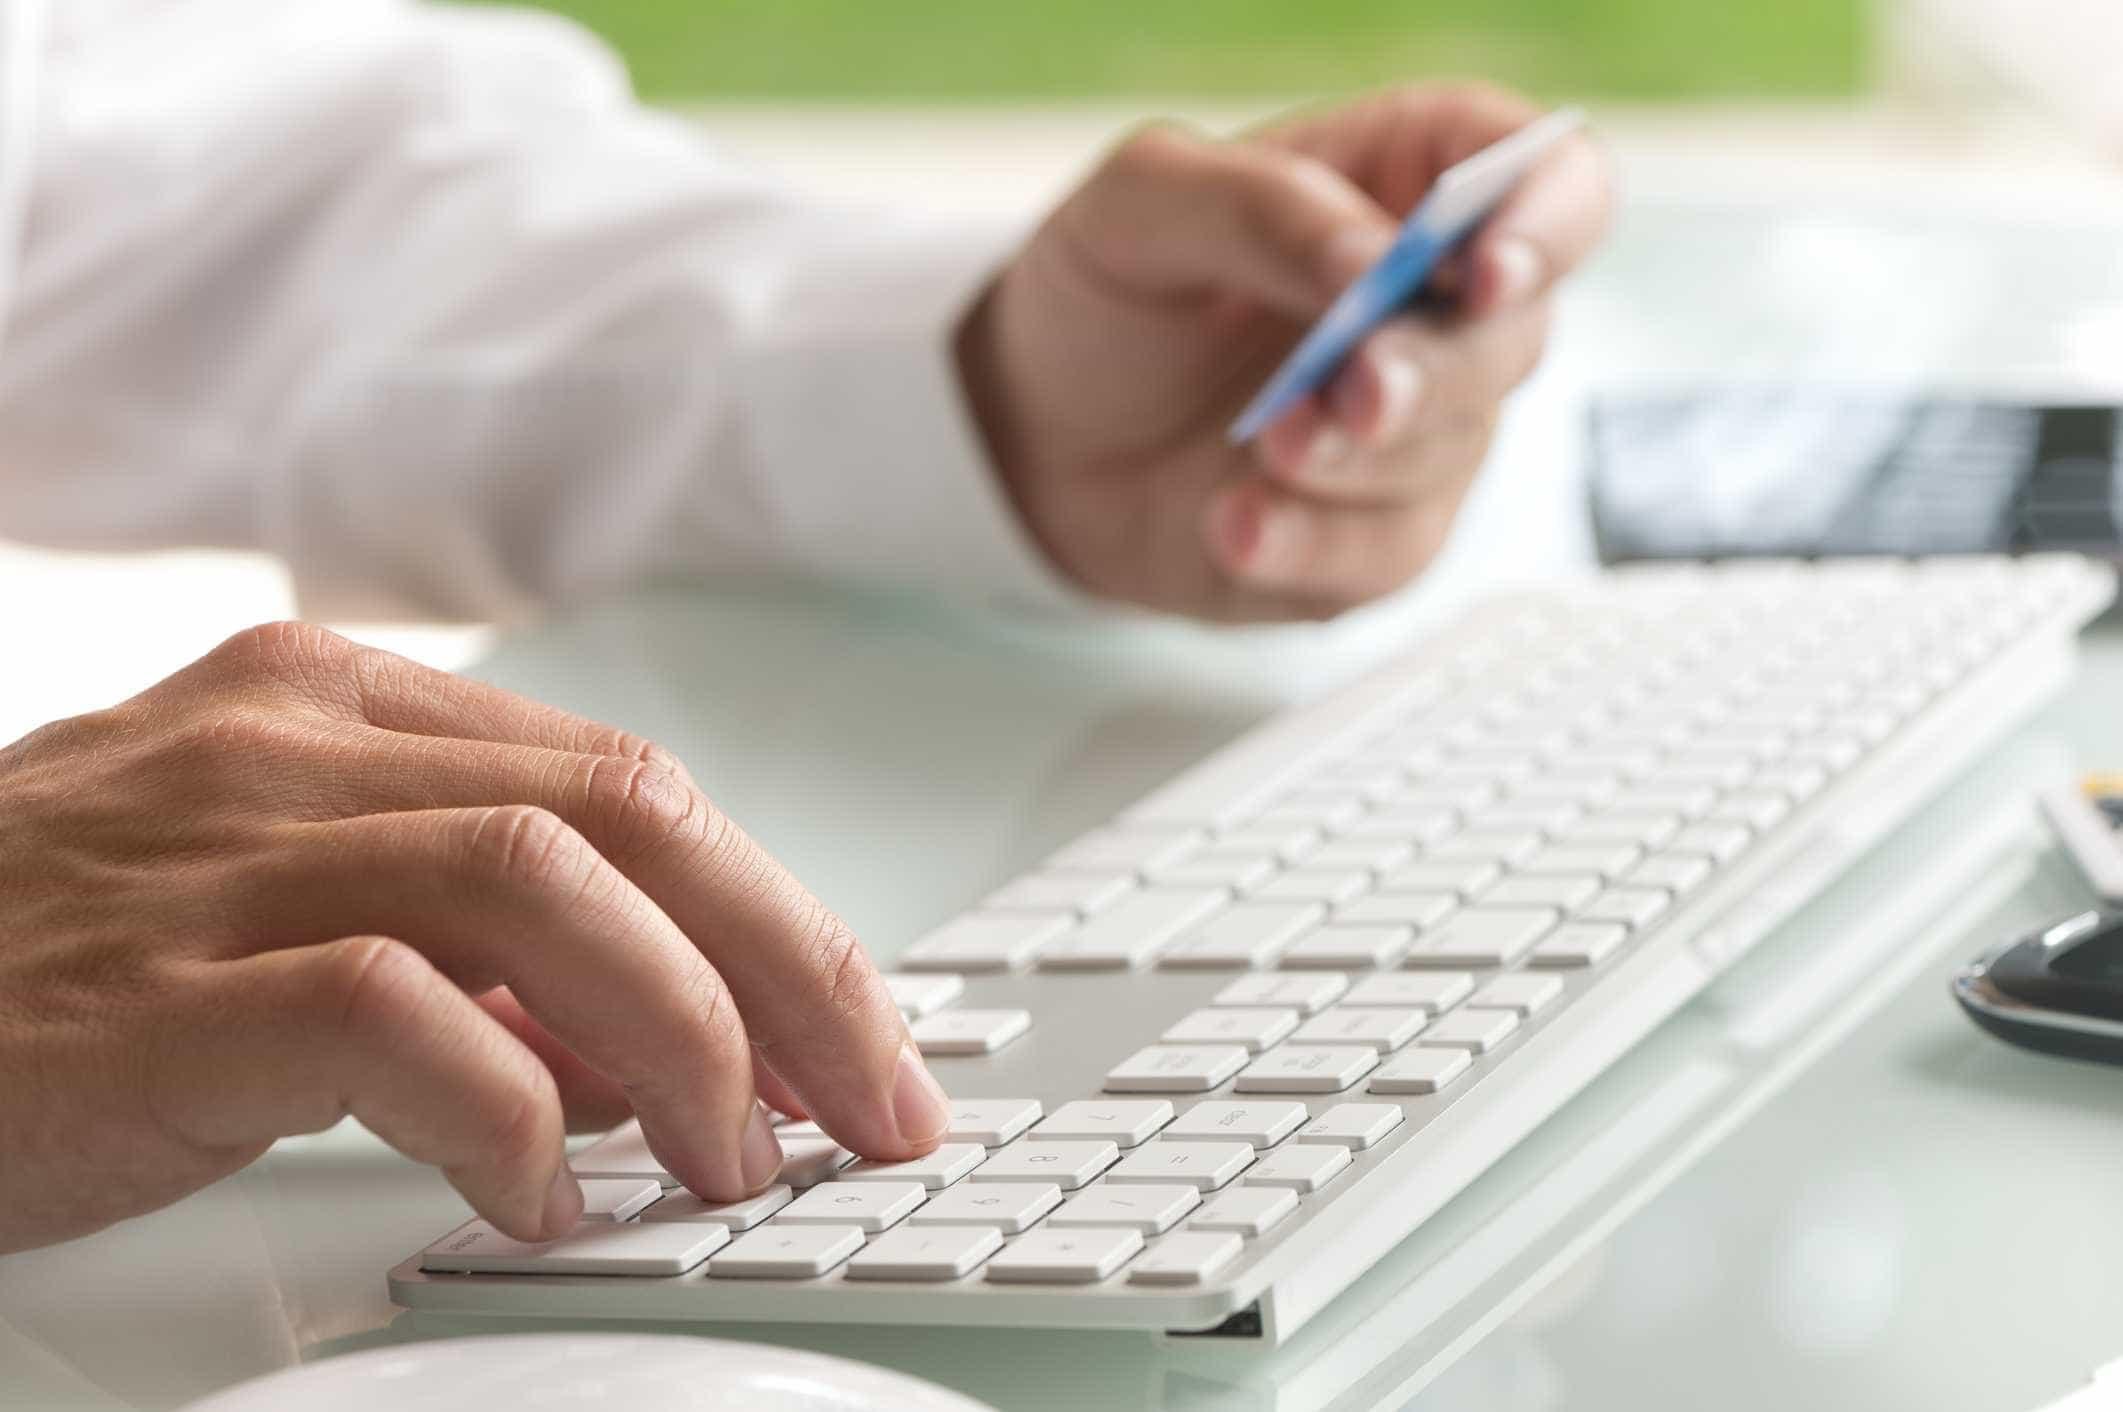 ASAE e EUROPOL de 'mãos dadas' para pôr fim a vendas online ilegais